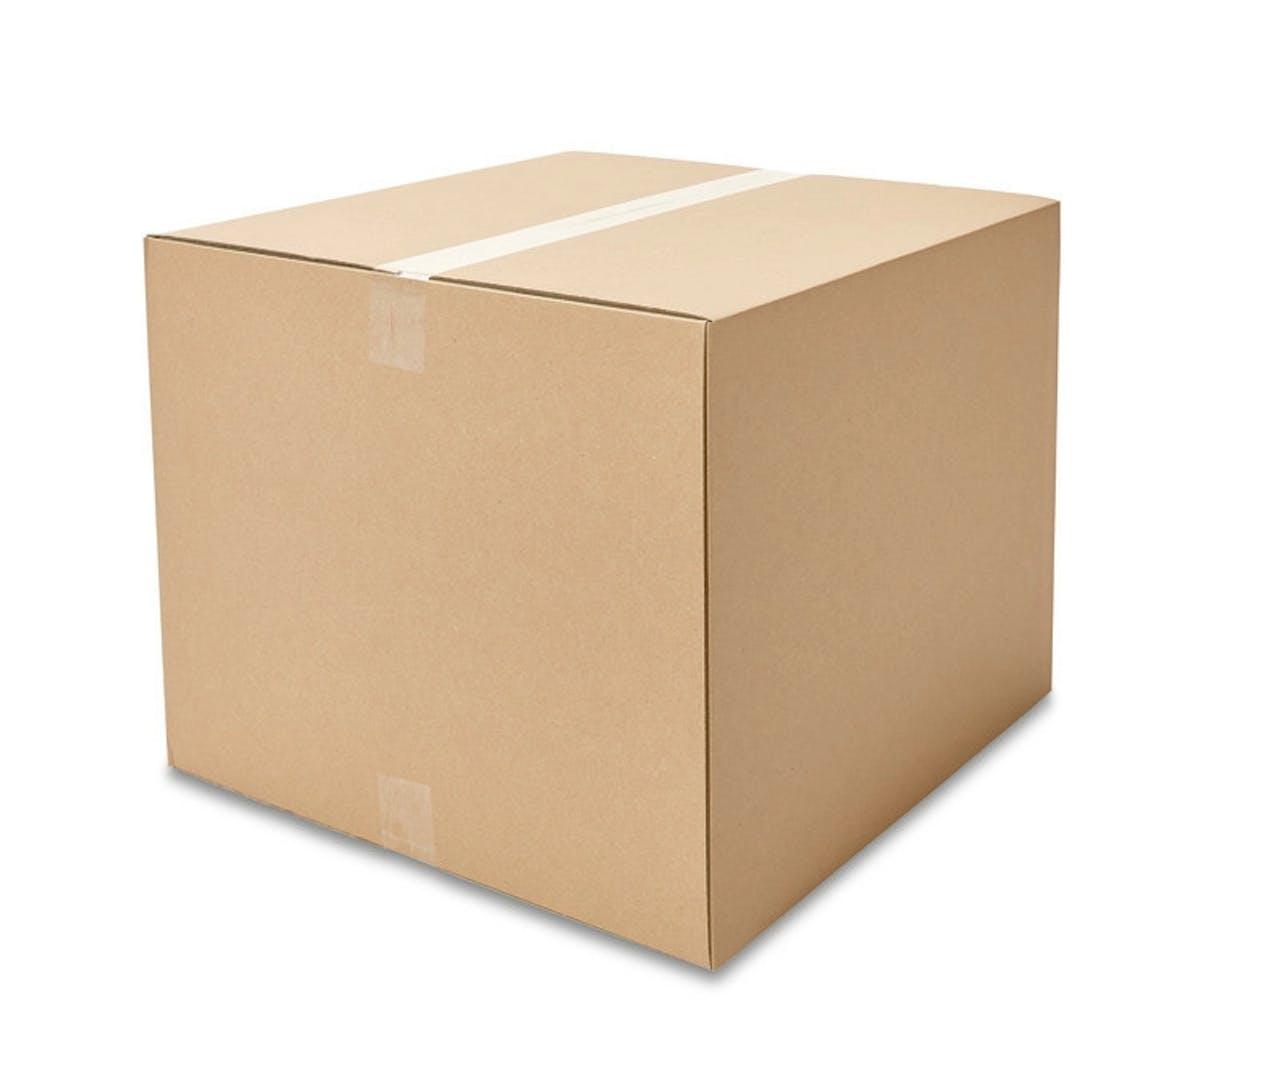 Wellpapp-Faltkartons ECONOMY, Länge 500 bis 599 mm